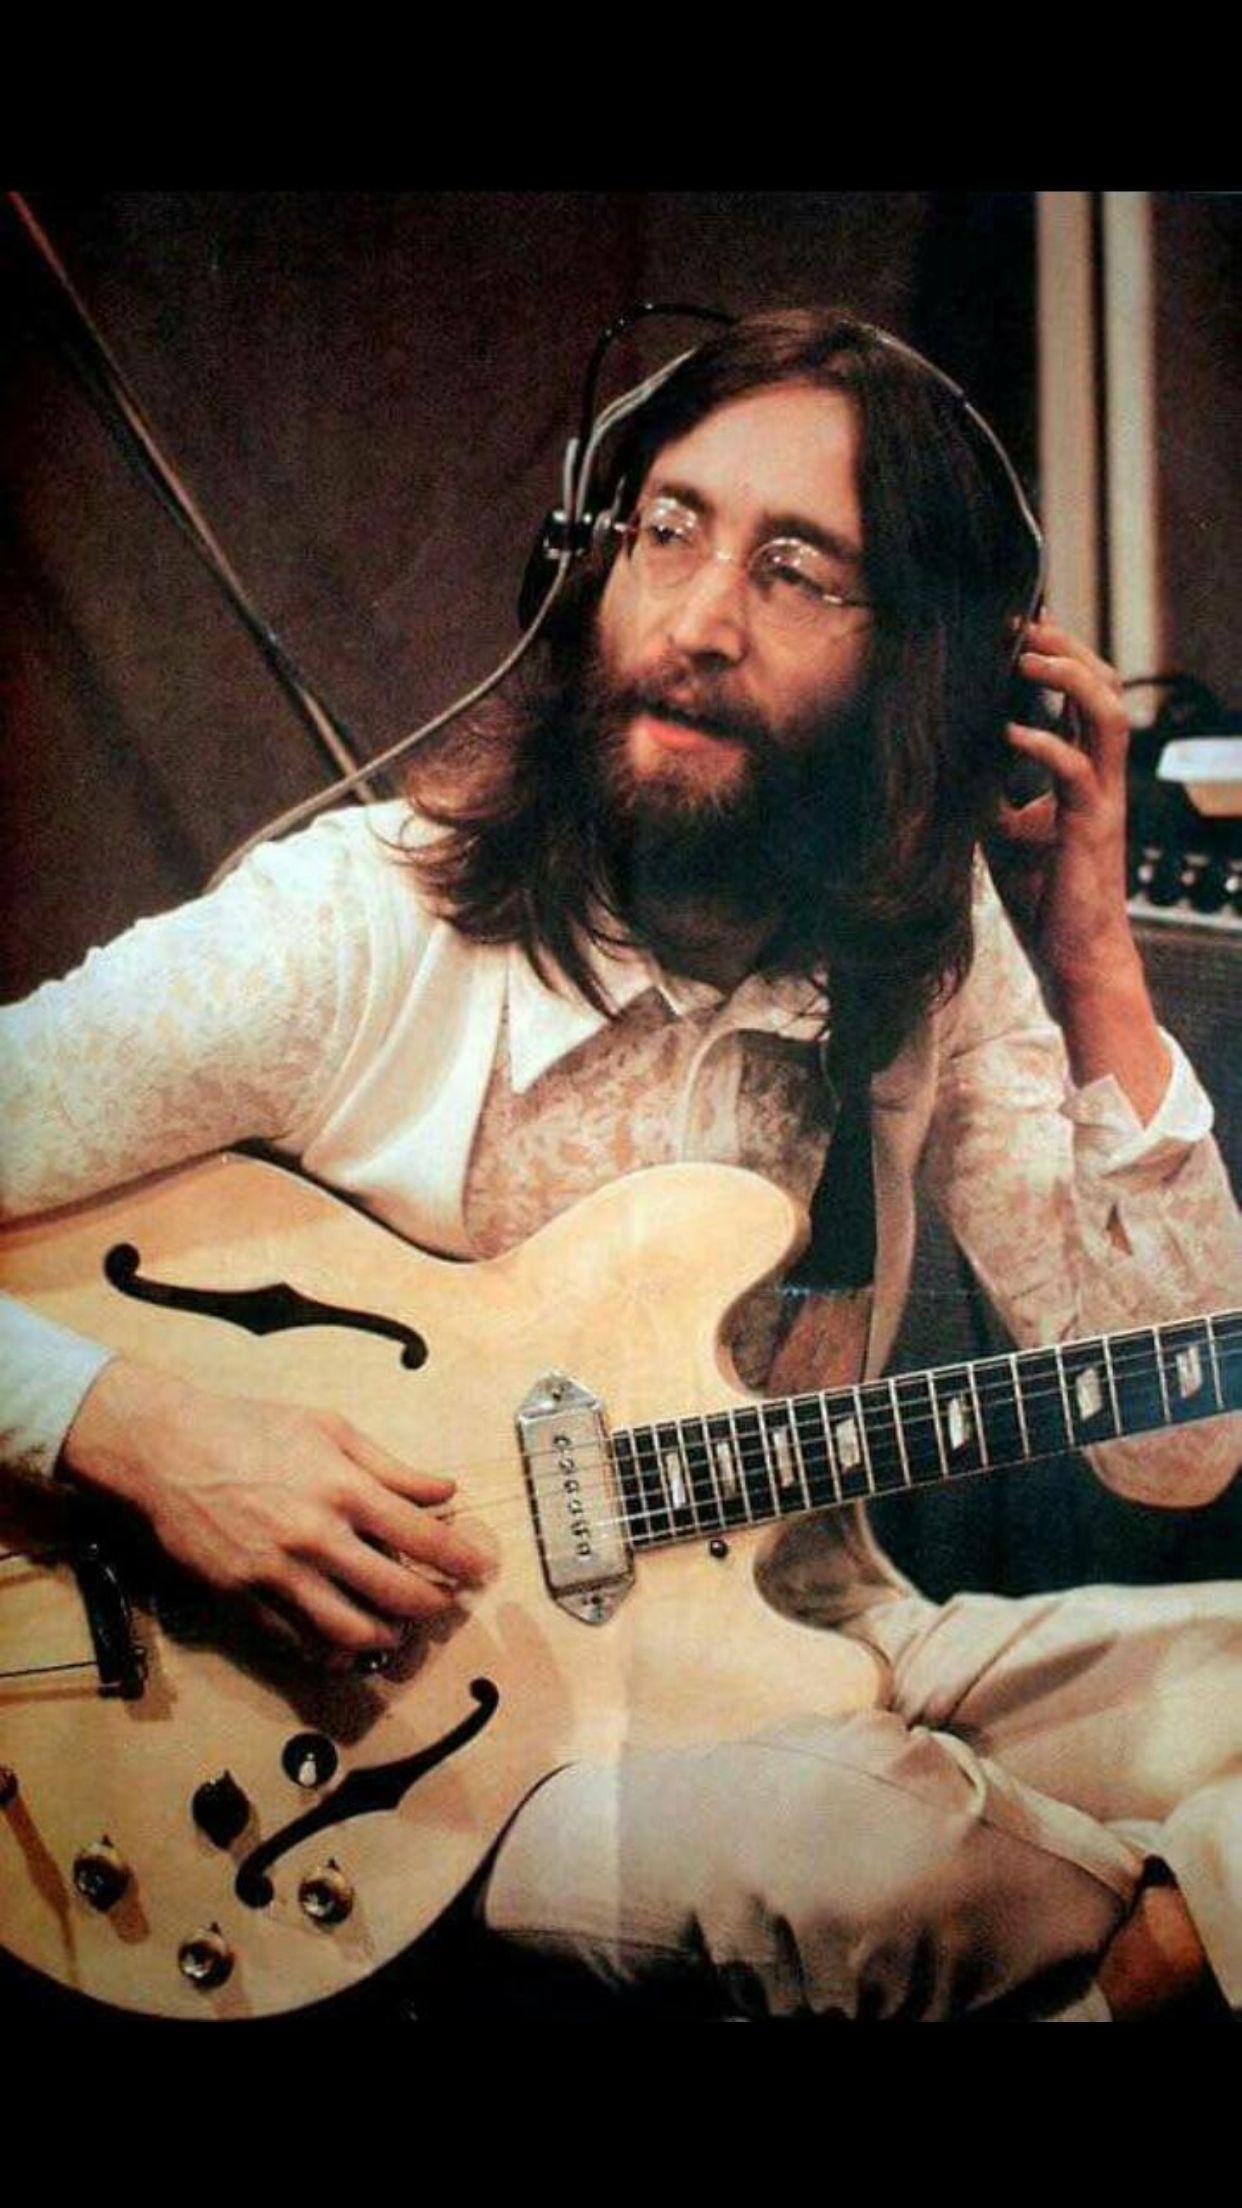 John Lennon John Lennon The Beatles Lennon